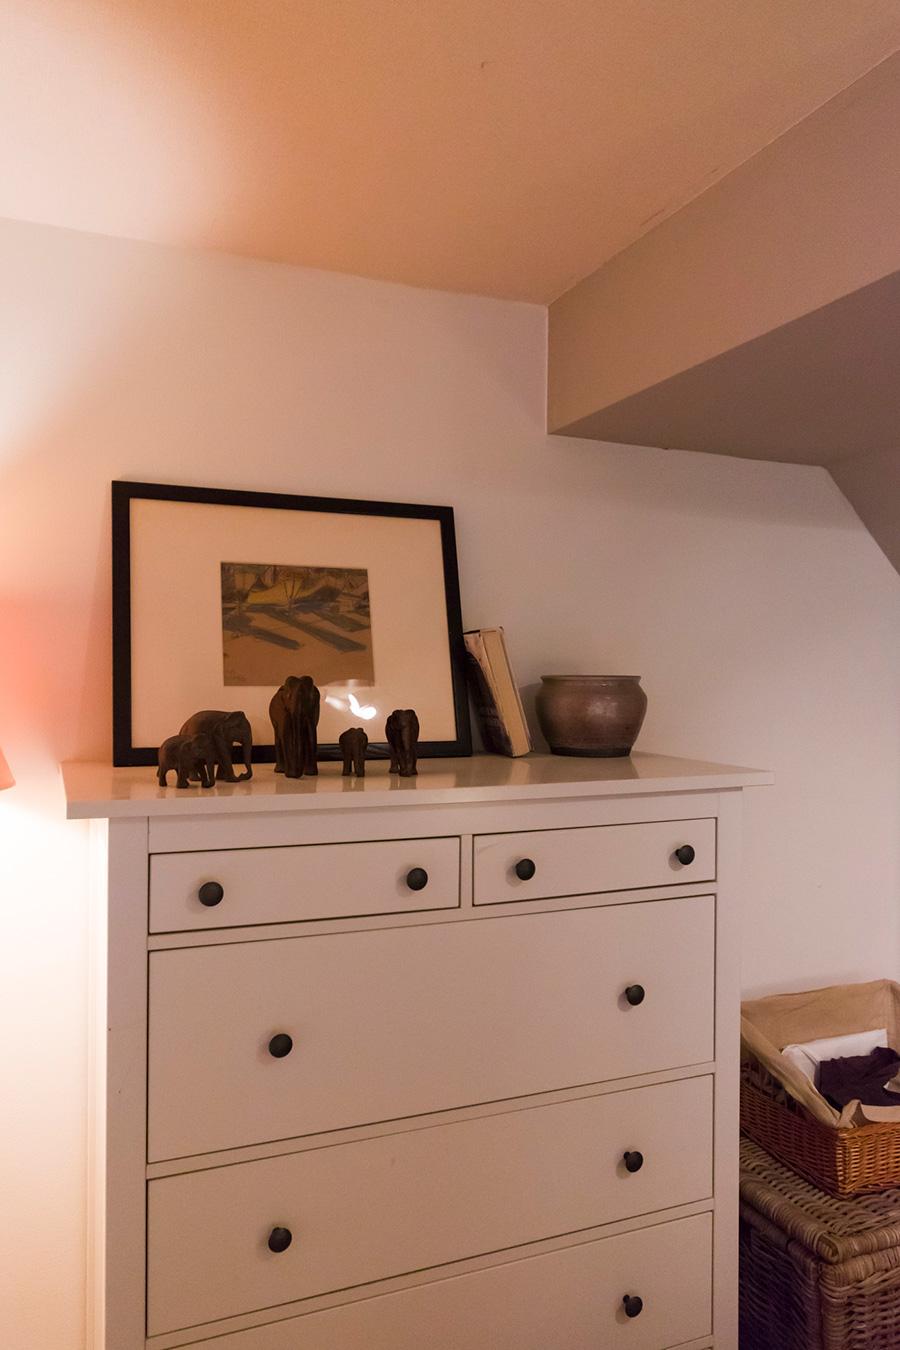 ベッドルームのキャビネット上をディスプレイスペースに。ユーモラスな象の置き物がヘザーさんのお気に入り。